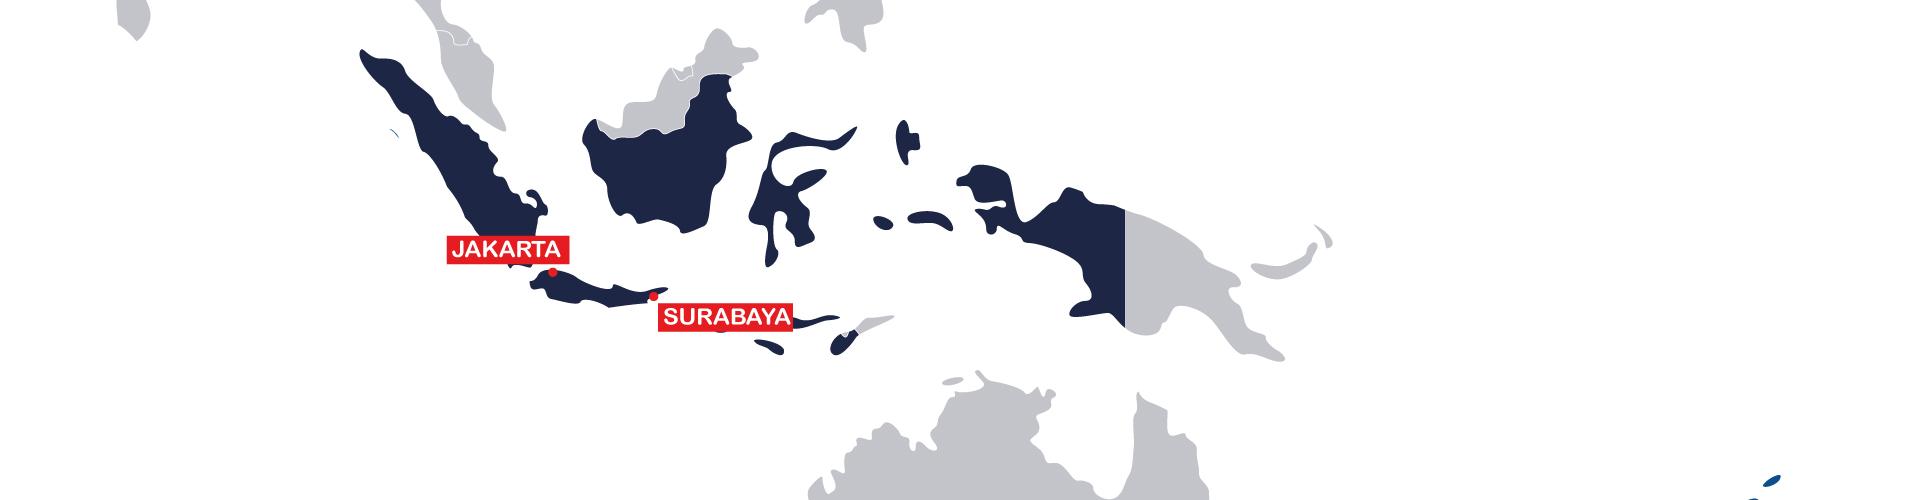 MAP INDONESIA EN.jpg